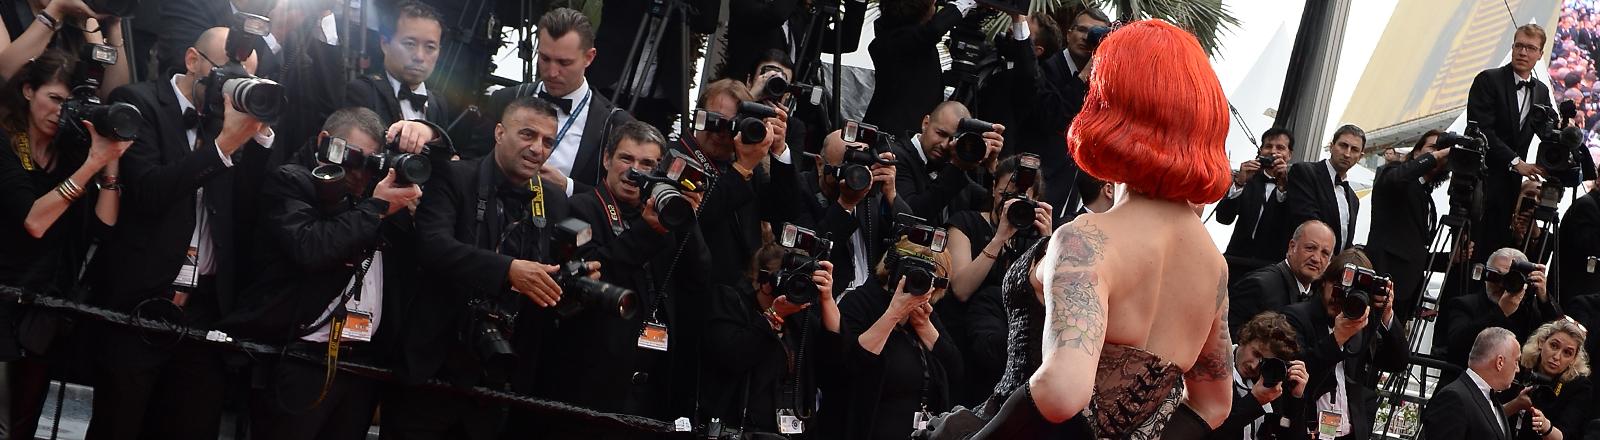 Die Sängerin Miss Fame auf dem Roten Teppich in Cannes am 14.05.2016.